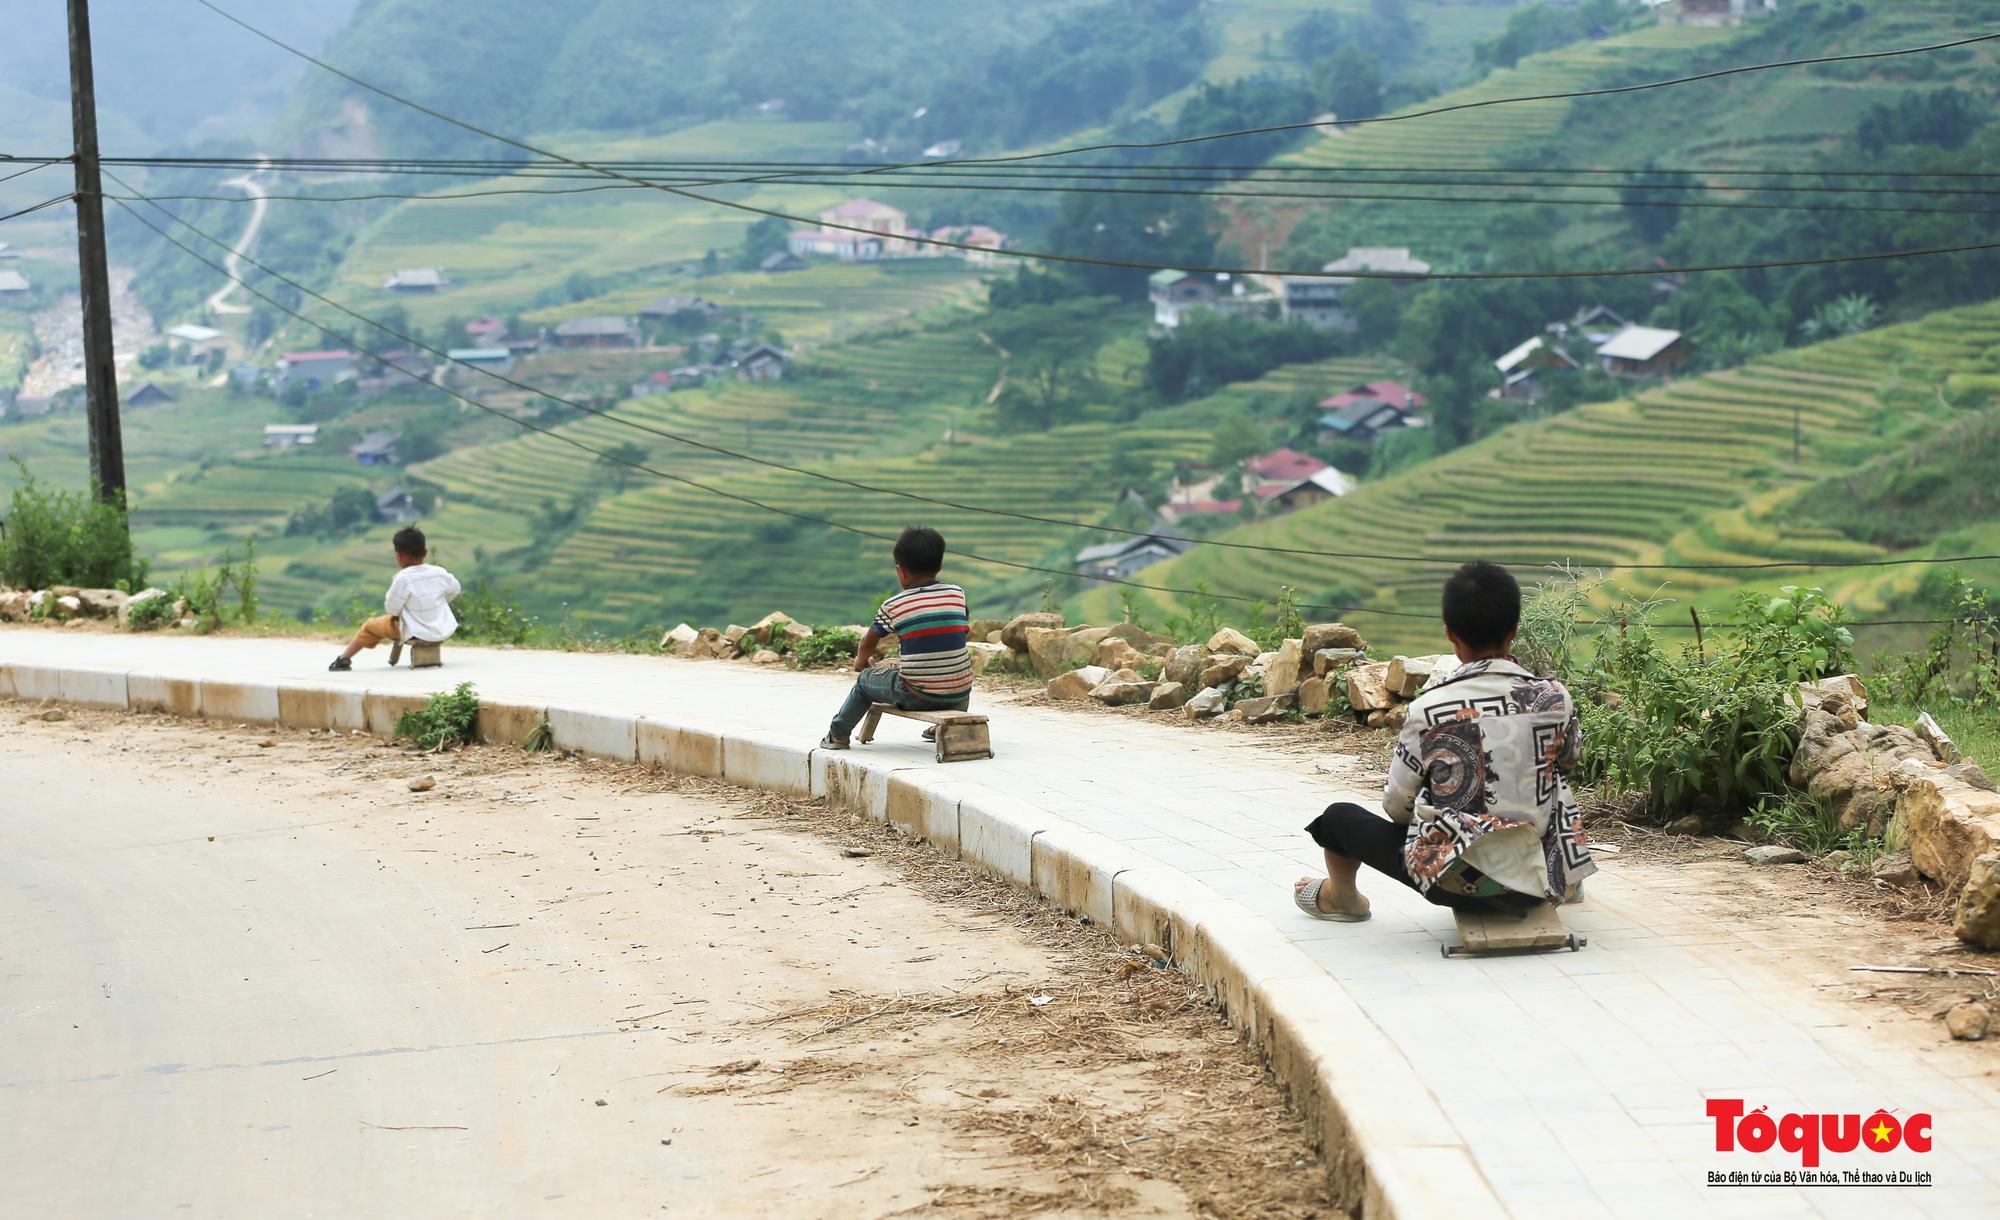 Độc đáo những 'xế' độ bằng gỗ của trẻ em ở vùng cao - Ảnh 7.